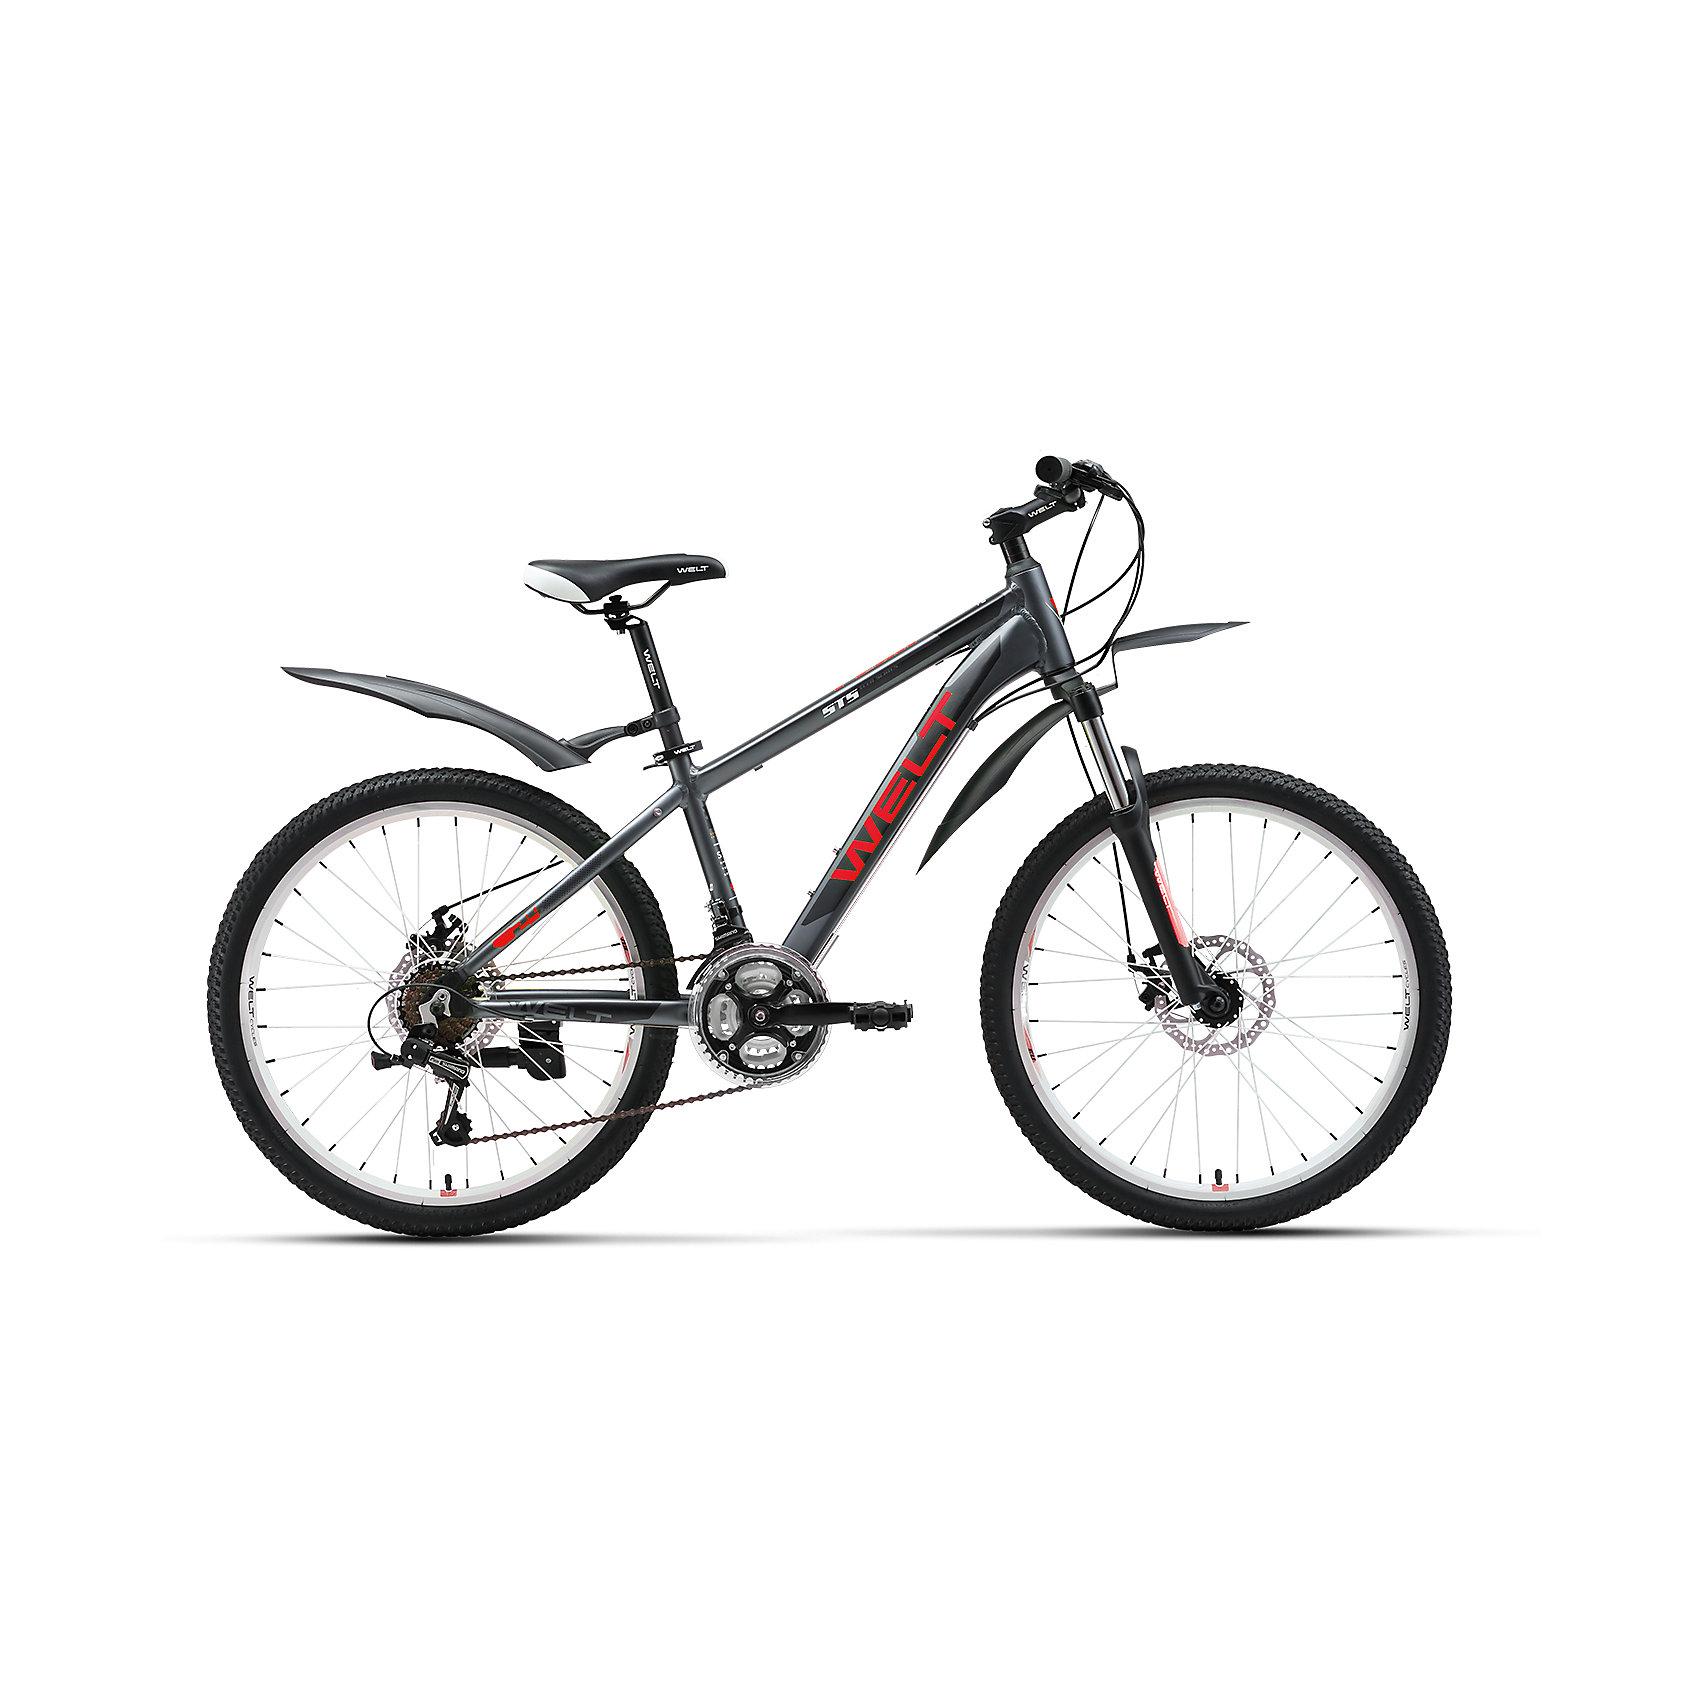 Велосипед  Peak 24 Disc, черно-красный, WeltВелосипеды детские<br>Характеристики товара:<br><br>• цвет: черный<br>• механические дисковые тормоза спереди и сзади<br>• алюминиевая рама с трубами сложного профиля и полуинтегрированной рулевой колонкой<br>• подножка и крылья в комплекте <br>• рама: Alloy 6061 <br>• размер рамы: one size<br>• диаметр колес: 24<br>• кол-во скоростей: 21<br>• тип вилки: амортизационная<br>• вилка: WELT ES-443 Alloy 100mm<br>• переключатель задний : Shimano TY-21<br>• переключатель передний: Shimano TZ-30<br>• шифтеры: Shimano EF-51<br>• тип тормозов: дисковые механические<br>• тормоза: JAK-5<br>• система: 42/34/24 T 152mm <br>• кассета: FW-217B 14-28T<br>• тип рулевой колонки:  semi-integrated 1-1/8*44<br>• покрышки: Wanda P1197 24x1,95<br><br>Подростковый велосипед с передним дисковым механическим тормозом и взрослой комплектацией.<br><br>Это настоящий горный велосипед с колесами меньшего диаметра 24 дюйма на двойных ободах. Облегченная алюминиевая рама из труб сложного профиля надежна, технологична и безопасна. <br><br>Велосипед  Peak 24 Disc, черно-красный, Welt можно купить в нашем интернет-магазине.<br><br>Ширина мм: 1450<br>Глубина мм: 200<br>Высота мм: 800<br>Вес г: 16500<br>Возраст от месяцев: 108<br>Возраст до месяцев: 168<br>Пол: Унисекс<br>Возраст: Детский<br>SKU: 5569438